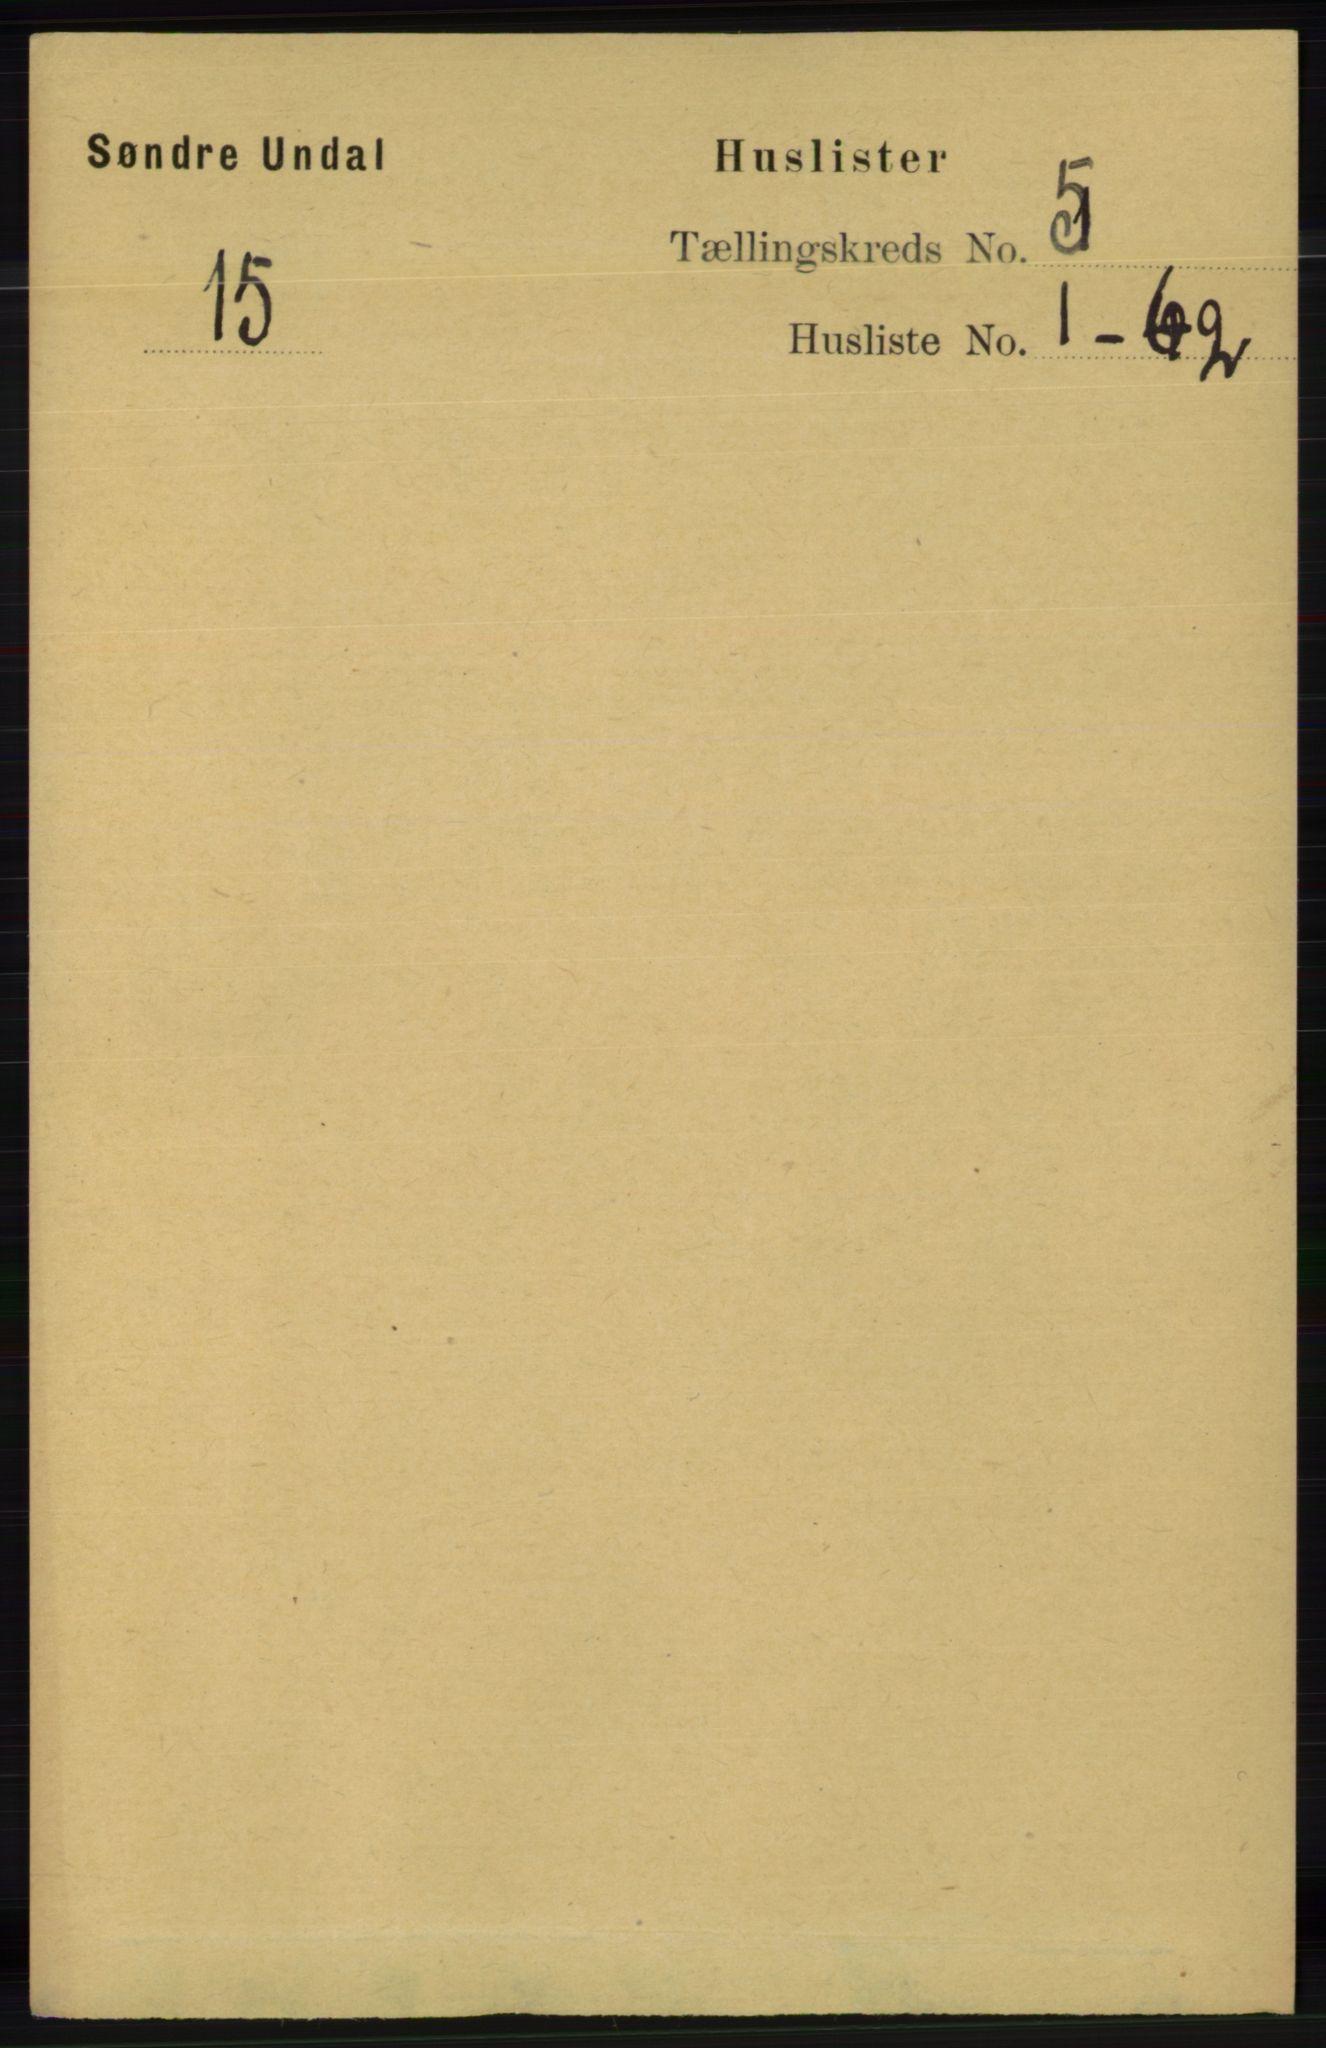 RA, Folketelling 1891 for 1029 Sør-Audnedal herred, 1891, s. 1828